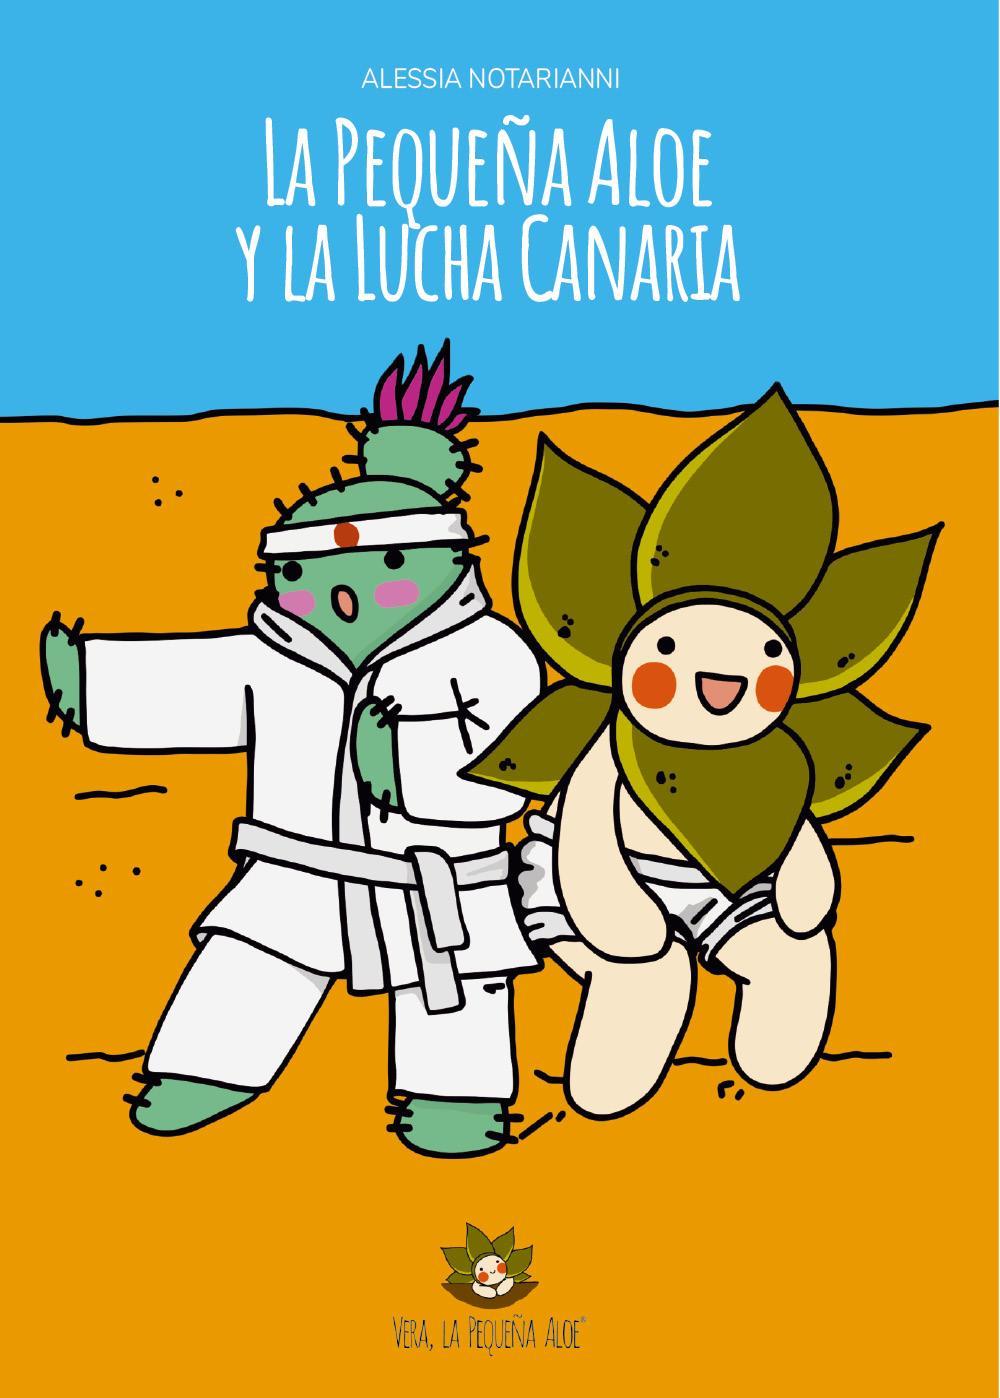 La Pequeña Aloe y la Lucha Canaria